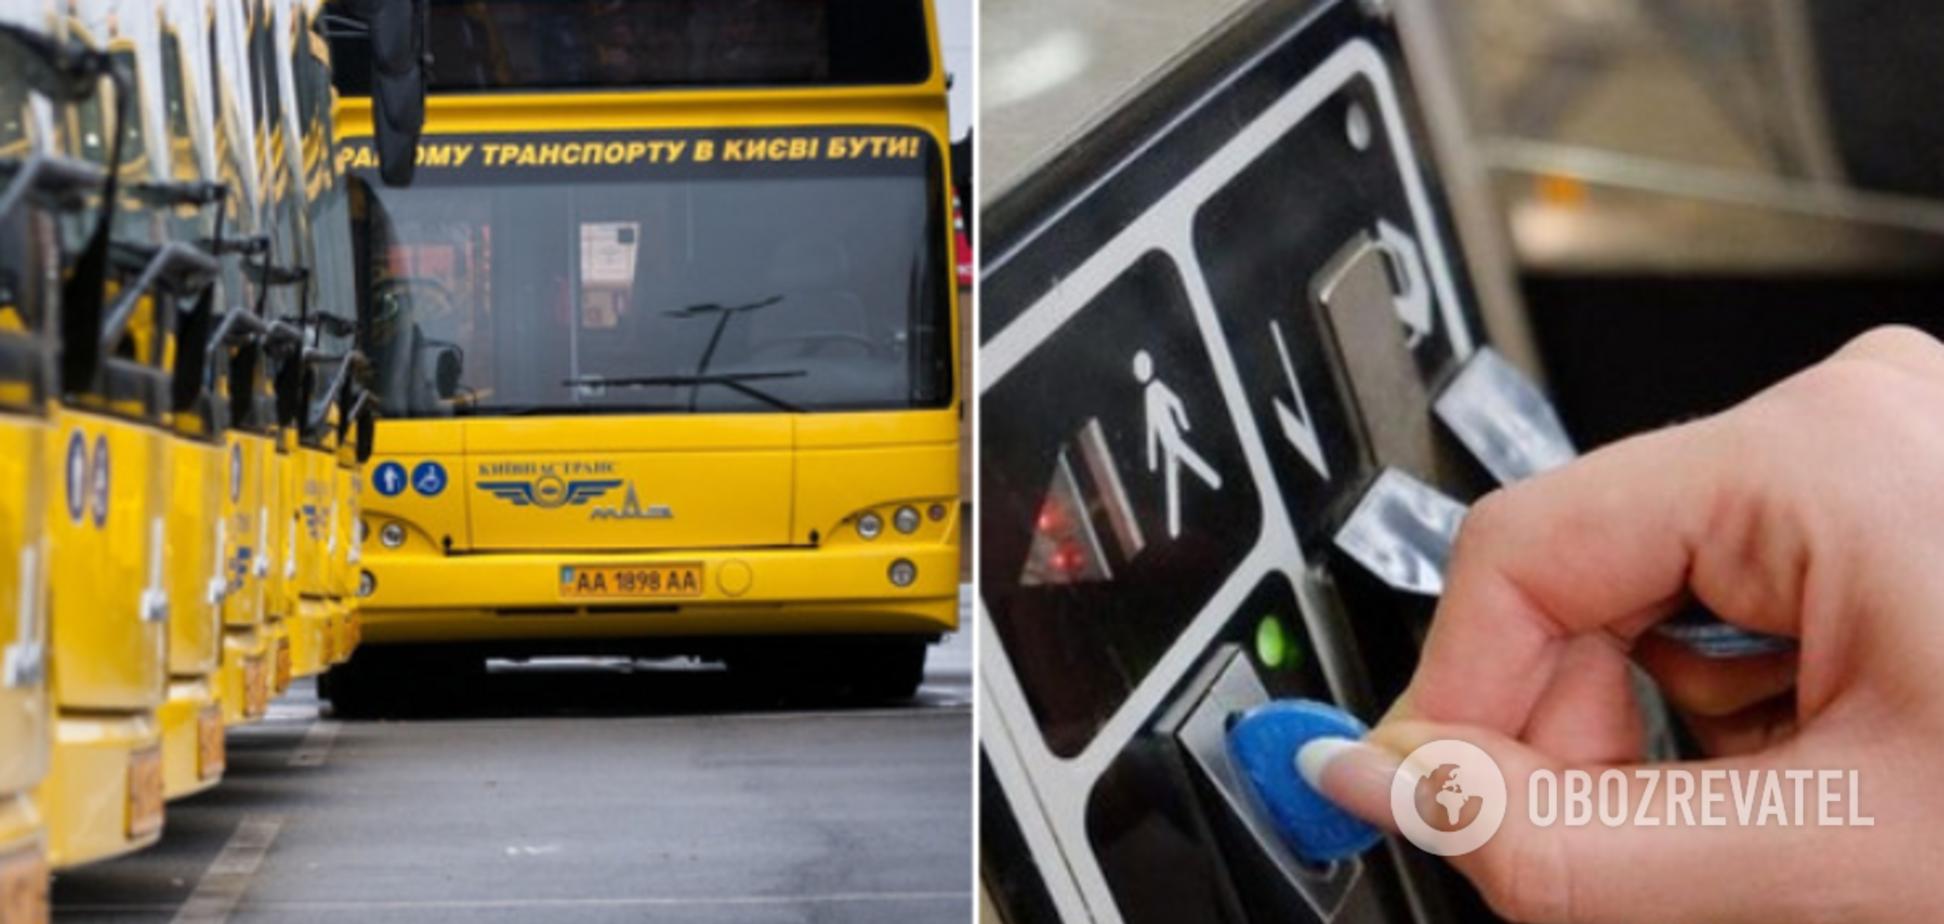 В Киевеизменят правила проезда в транспорте